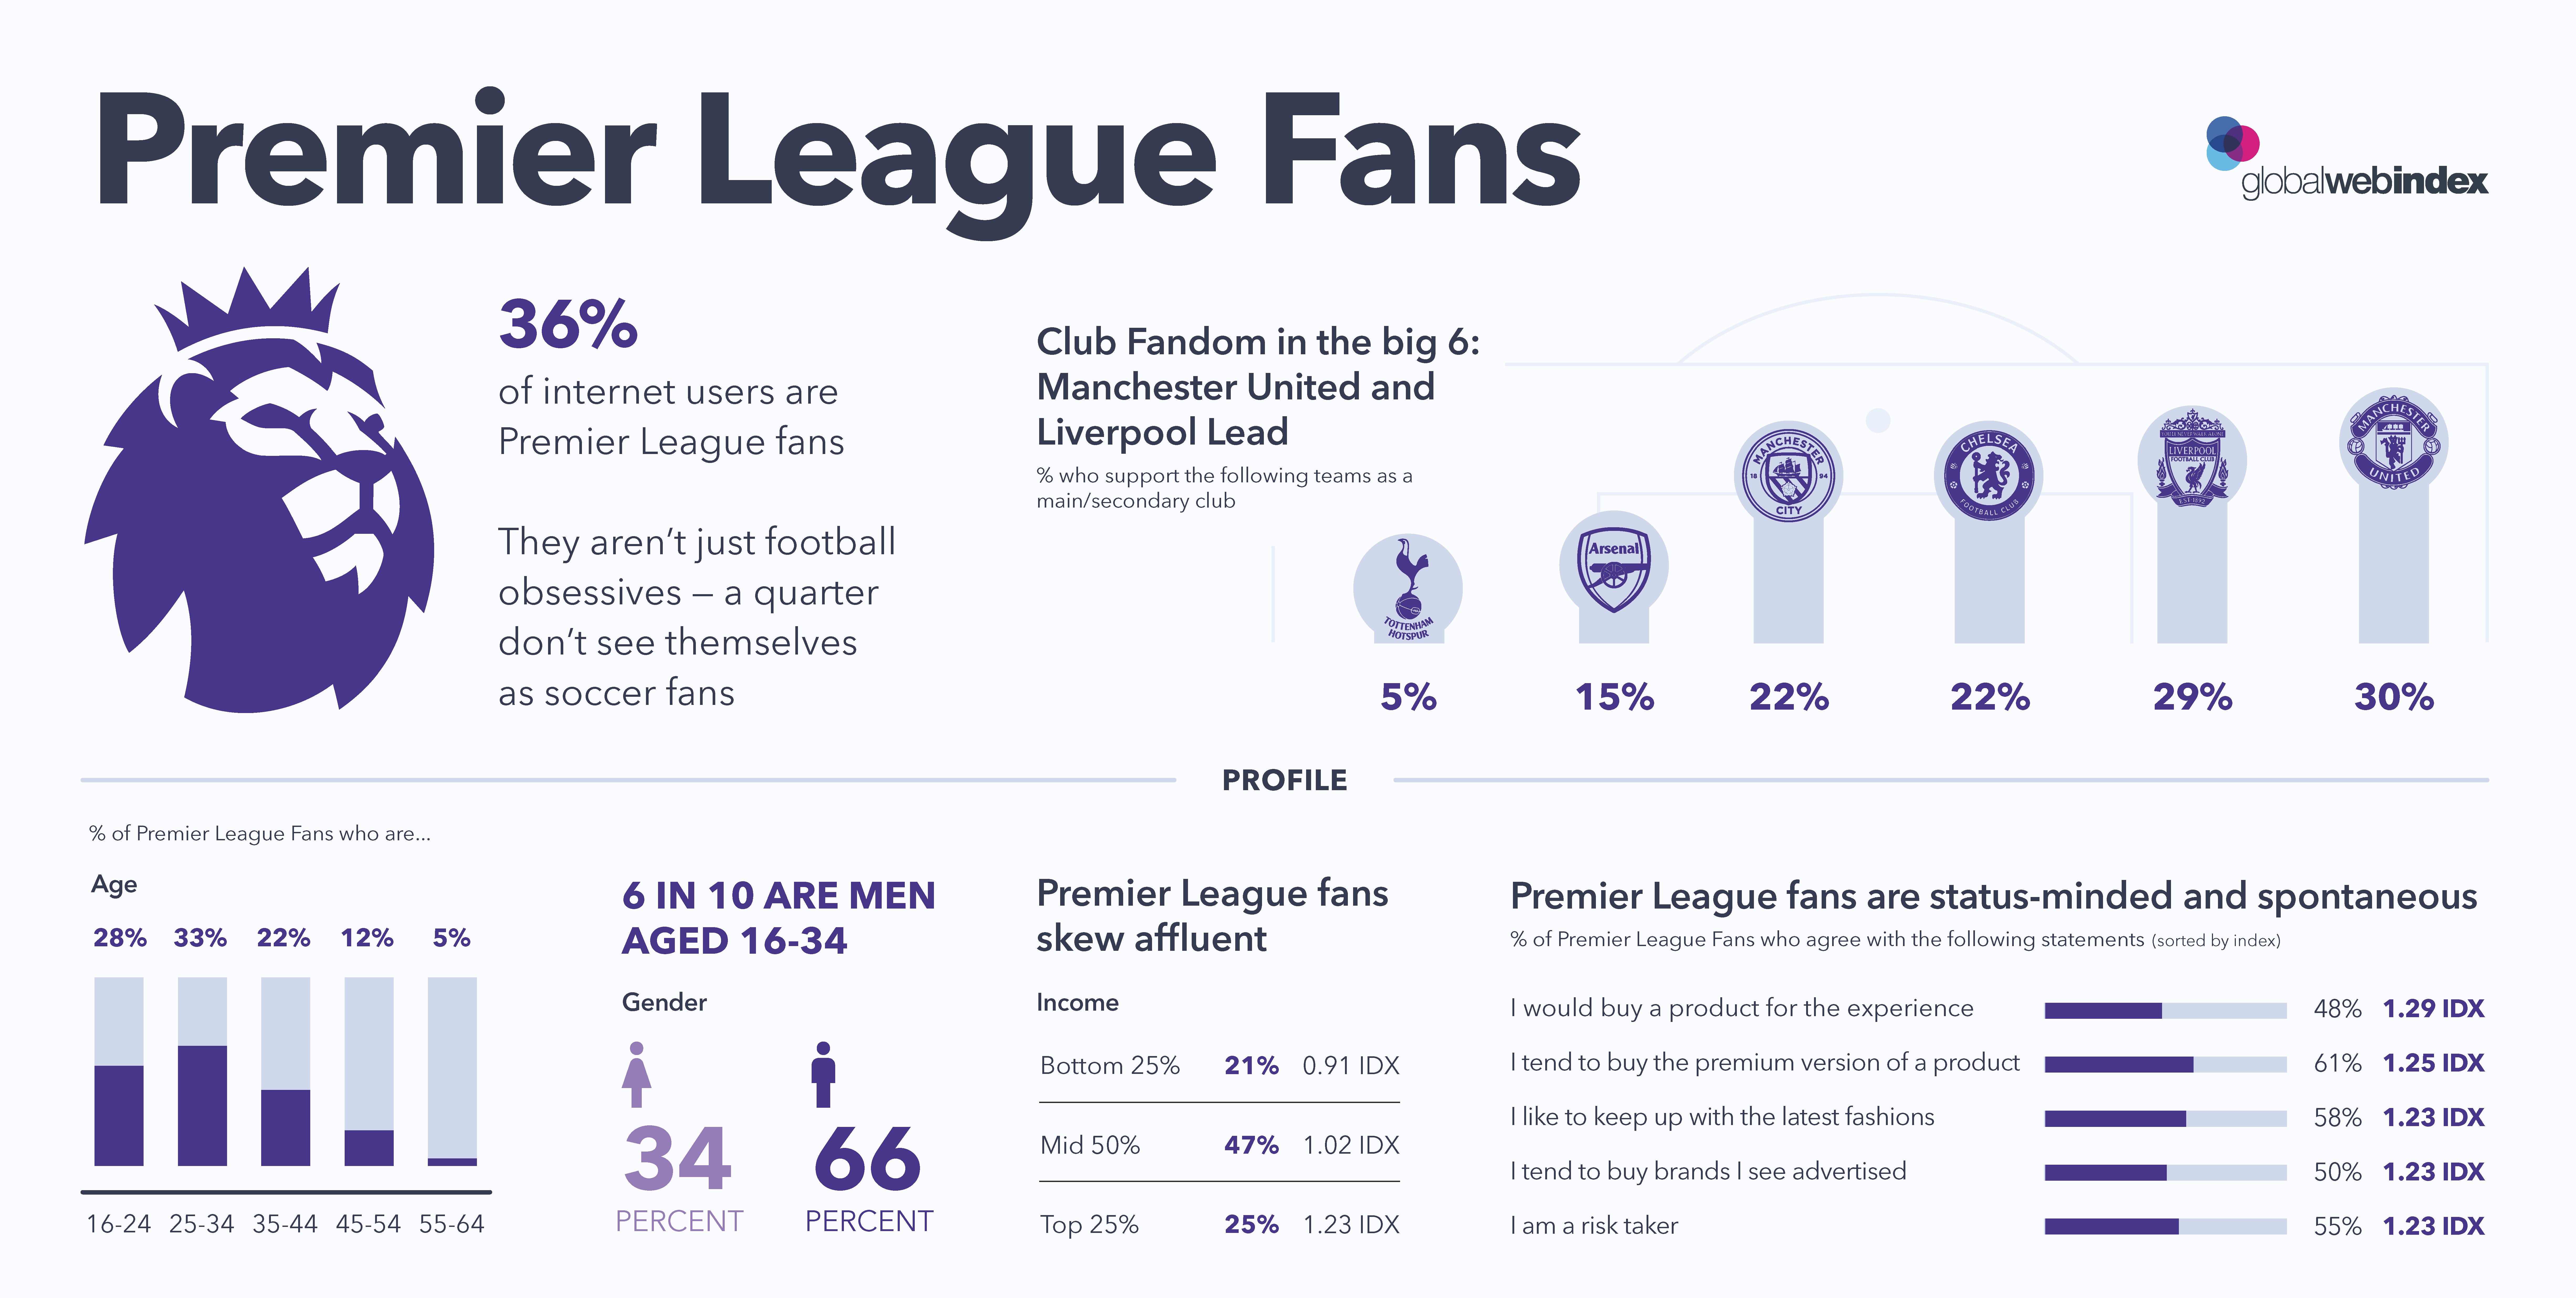 Premier-League-Fans-Infographic